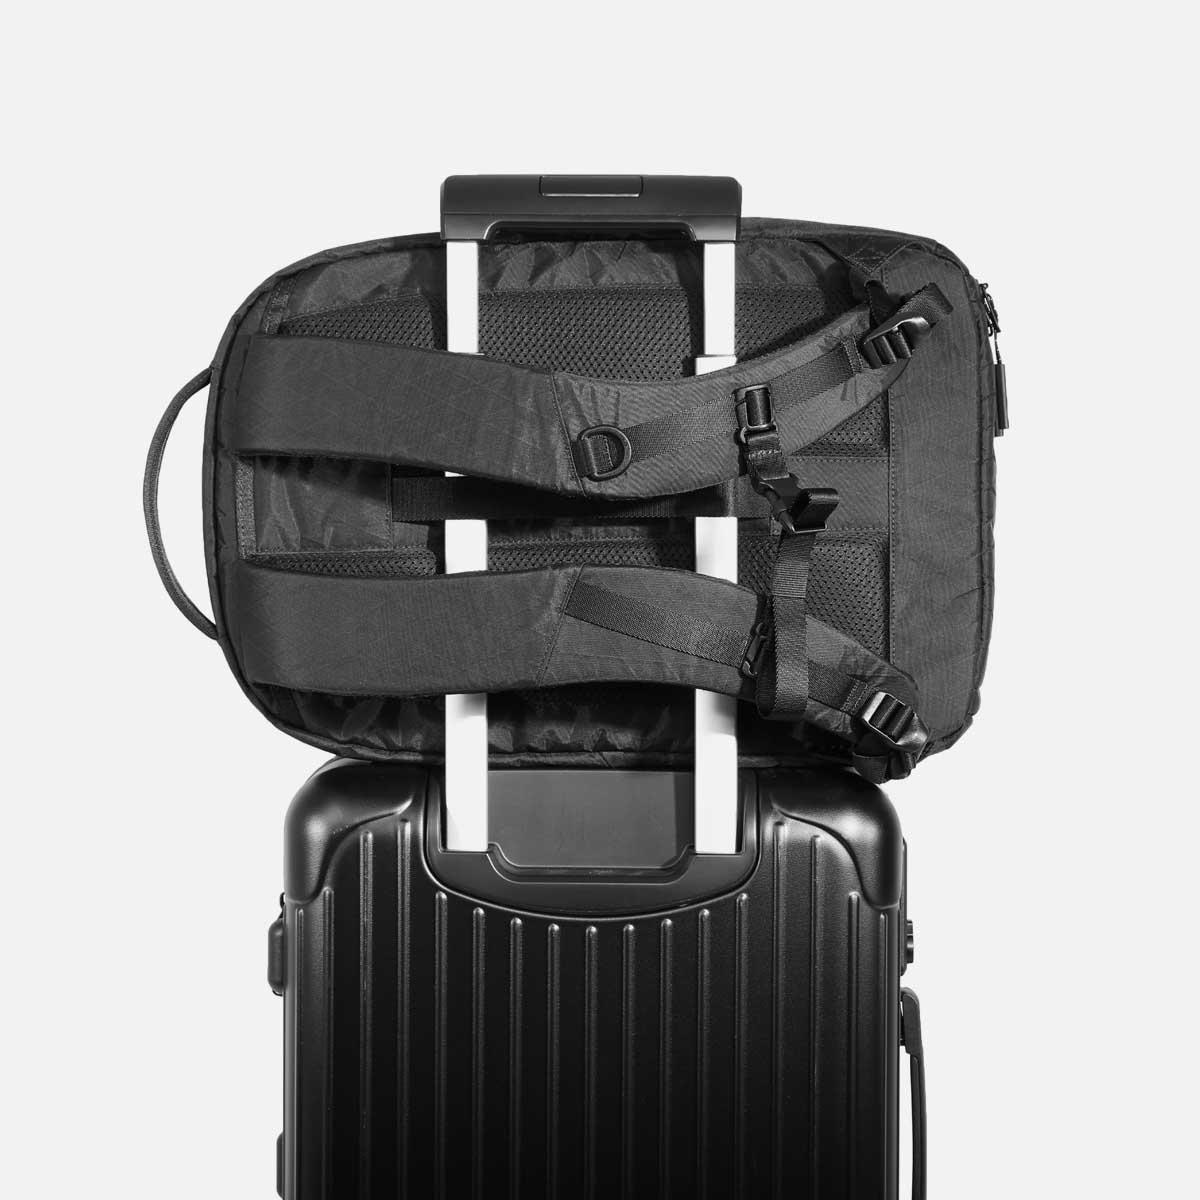 aer10012_fp2xpac_luggage.jpg